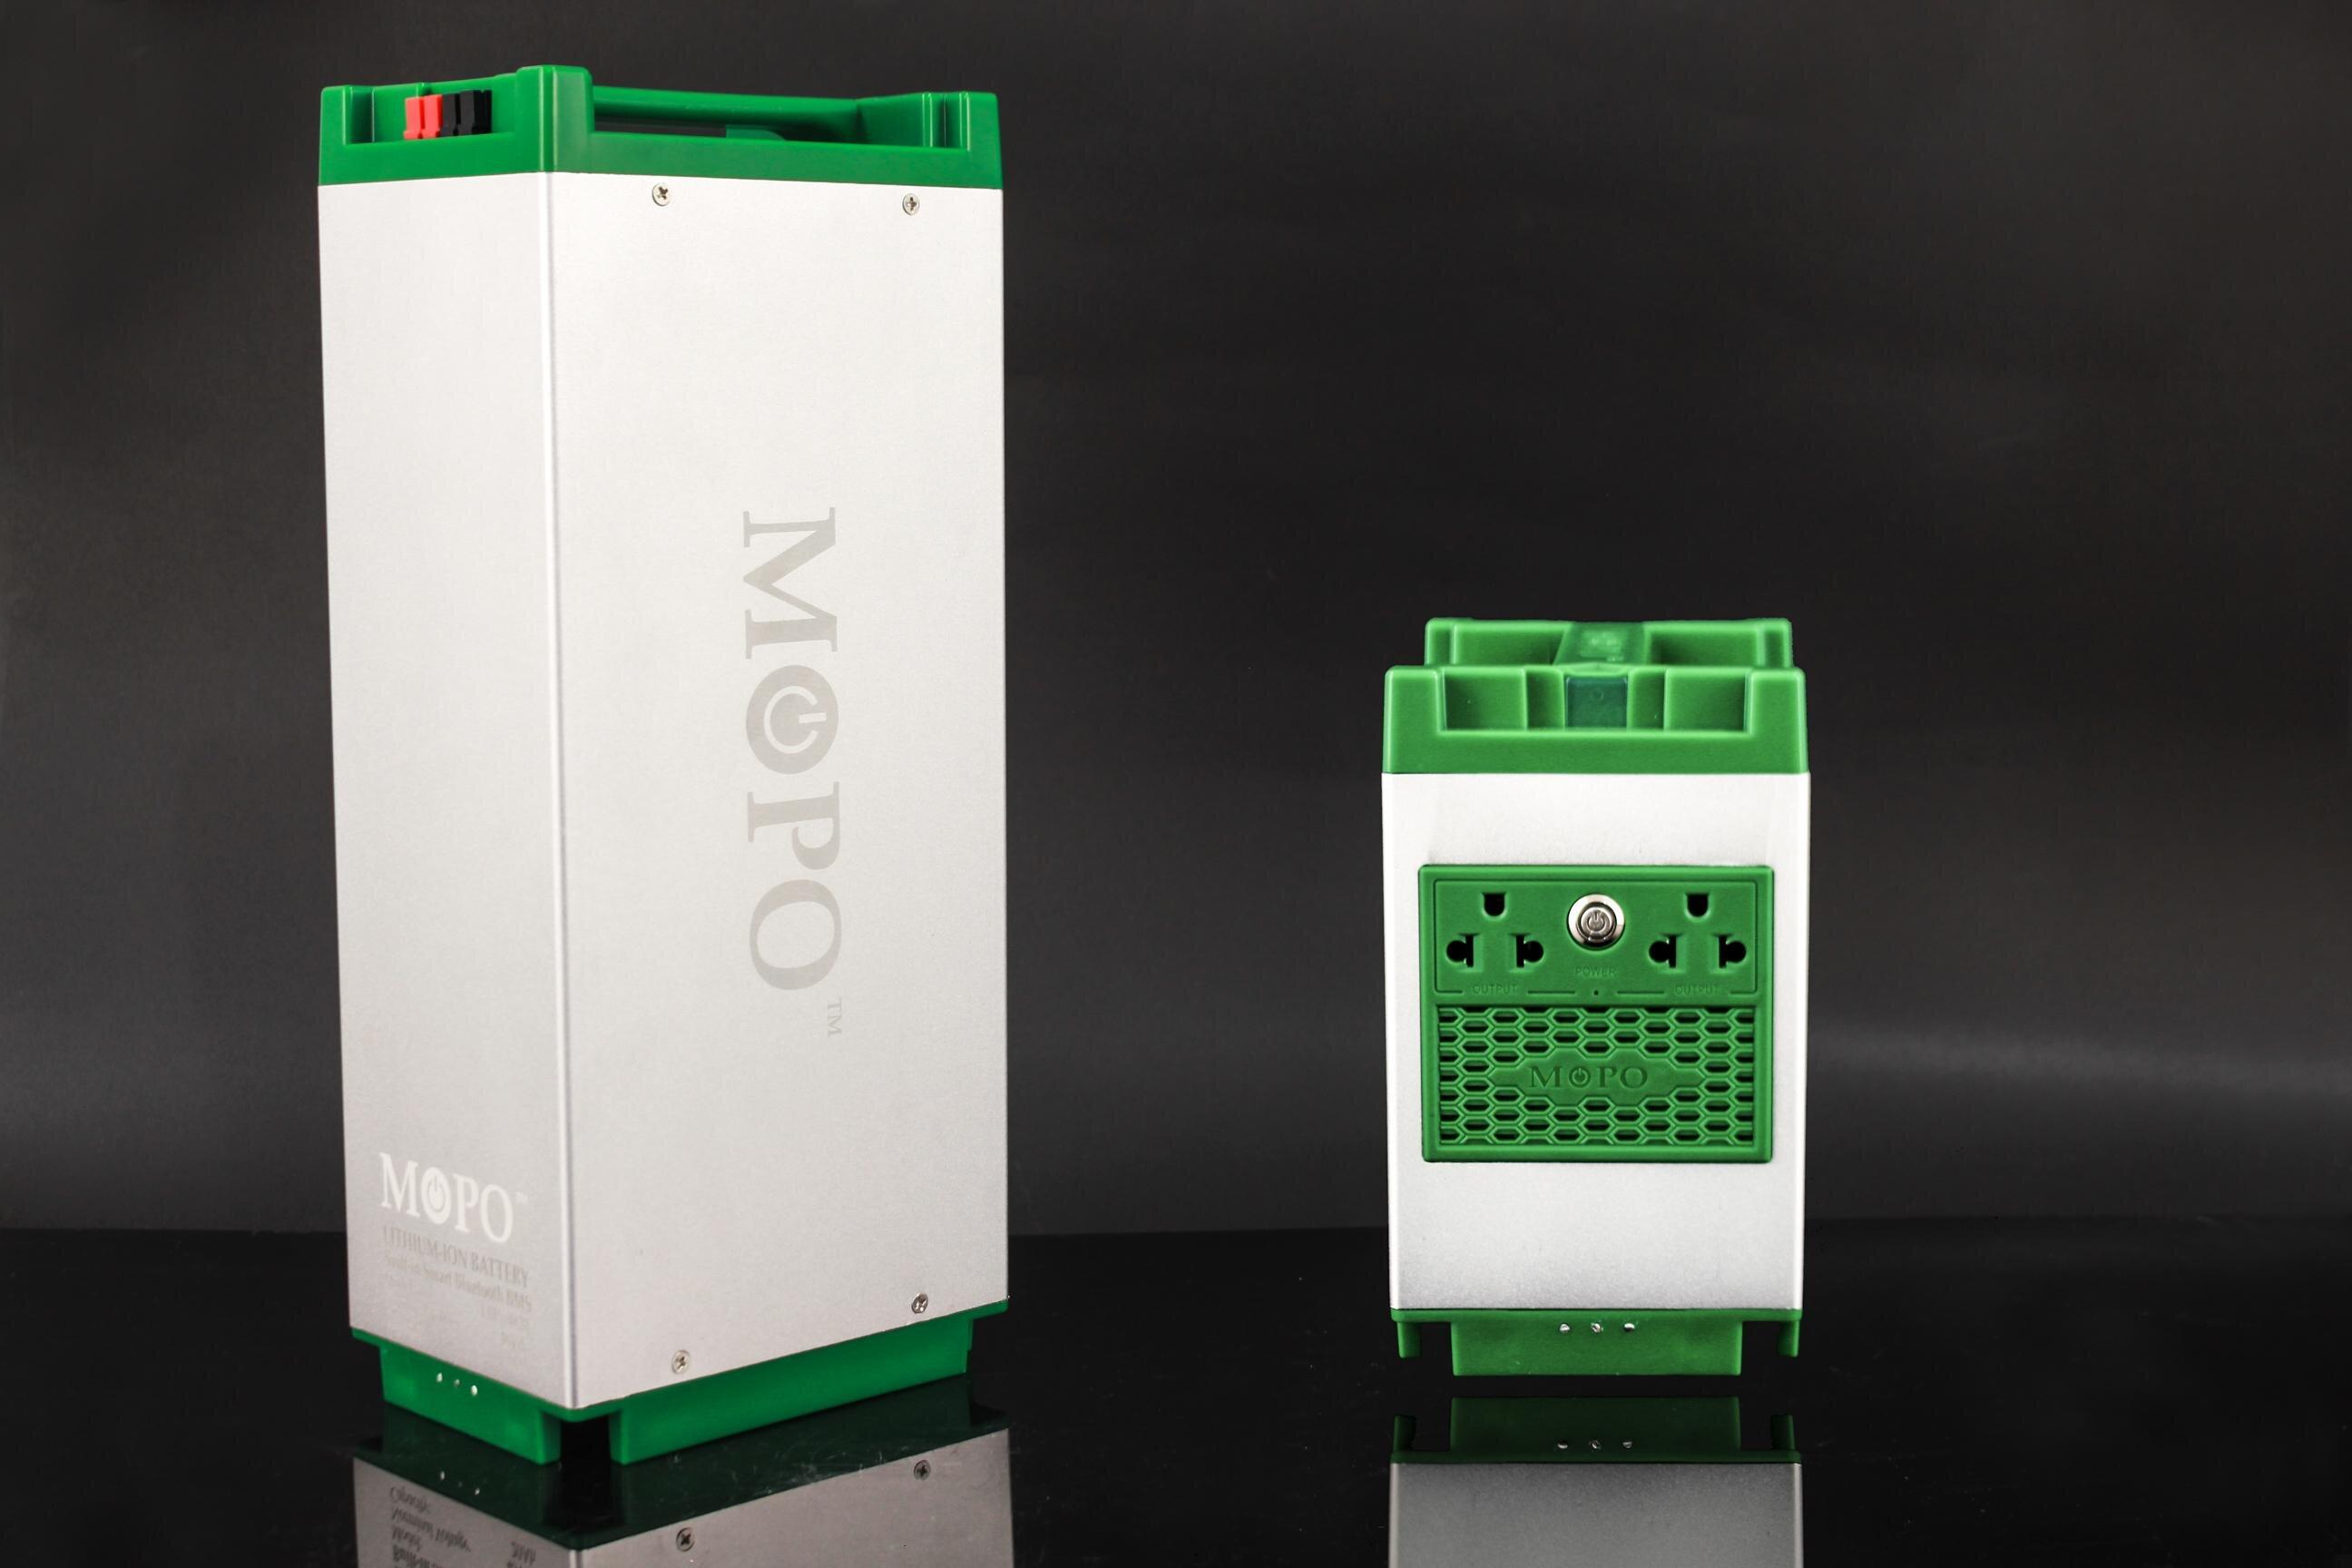 Pin Mopo Max có nhiều ưu điểm, đặc biệt tính an toàn được đảm bảo cao khiến người dùng yên tâm sử dụng